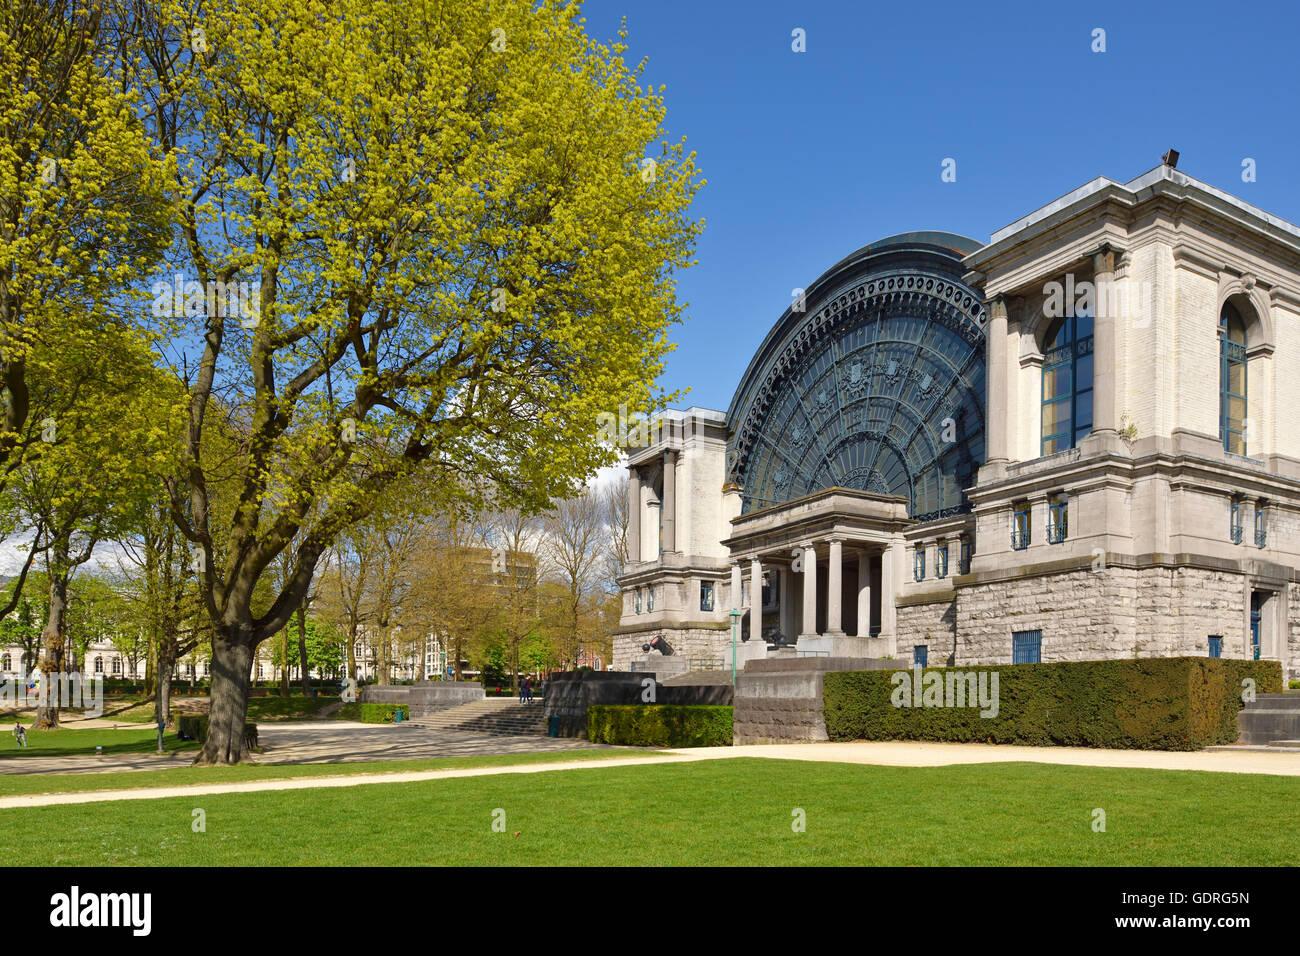 Military Museum, Musee Royal de l'Armee, Jubilee Park, Parc du Cinquantenaire, Brussels, Belgium - Stock Image